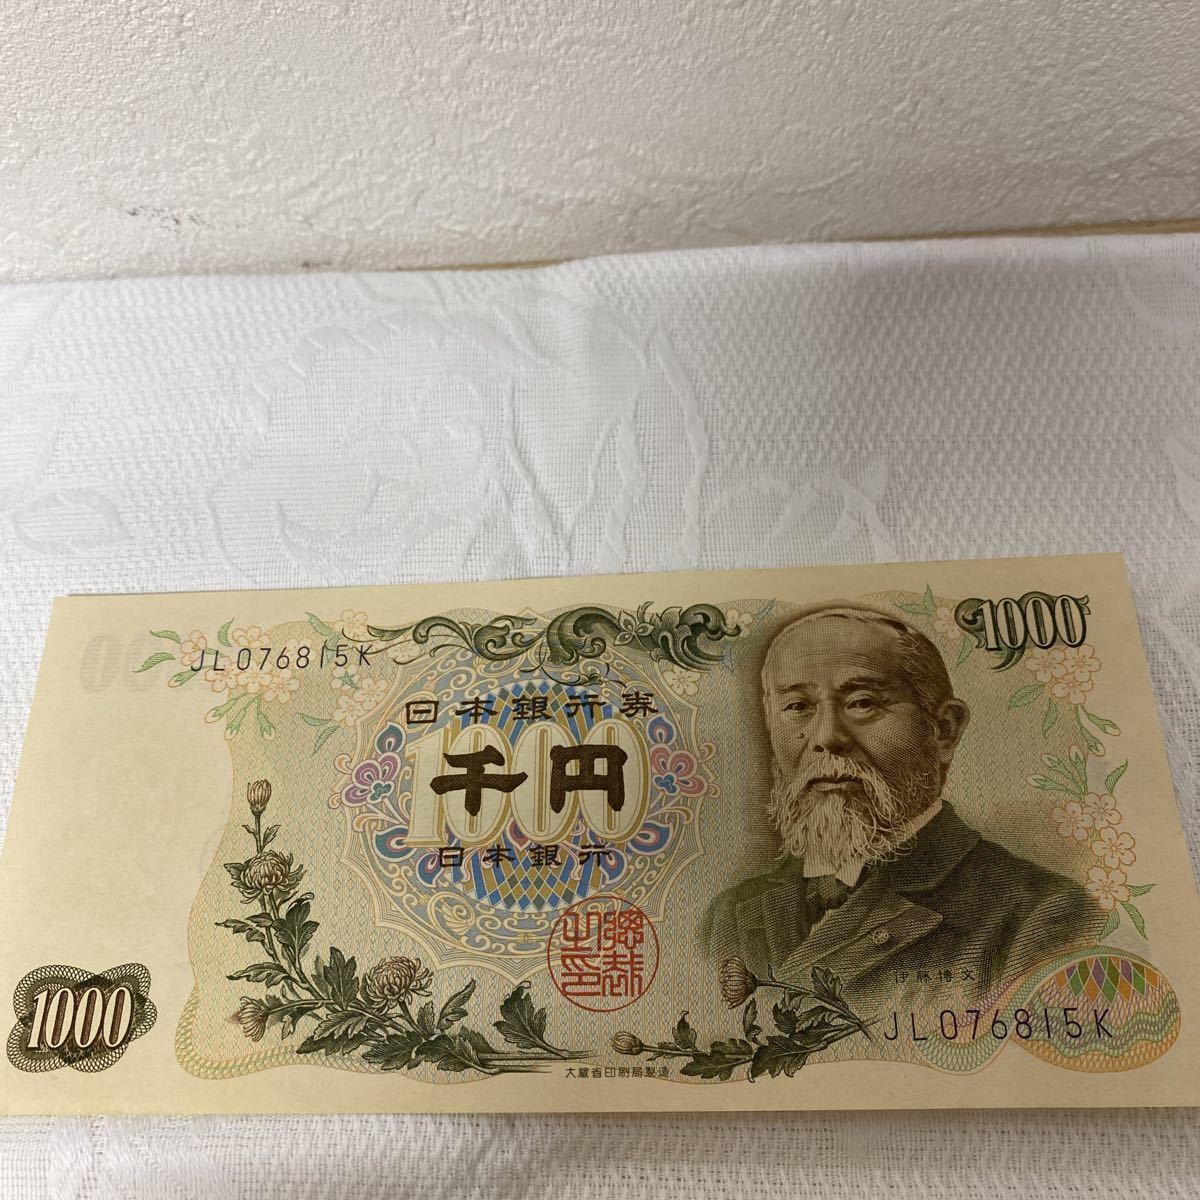 旧紙幣 千円札 伊藤博文 連番 ピン札_画像2